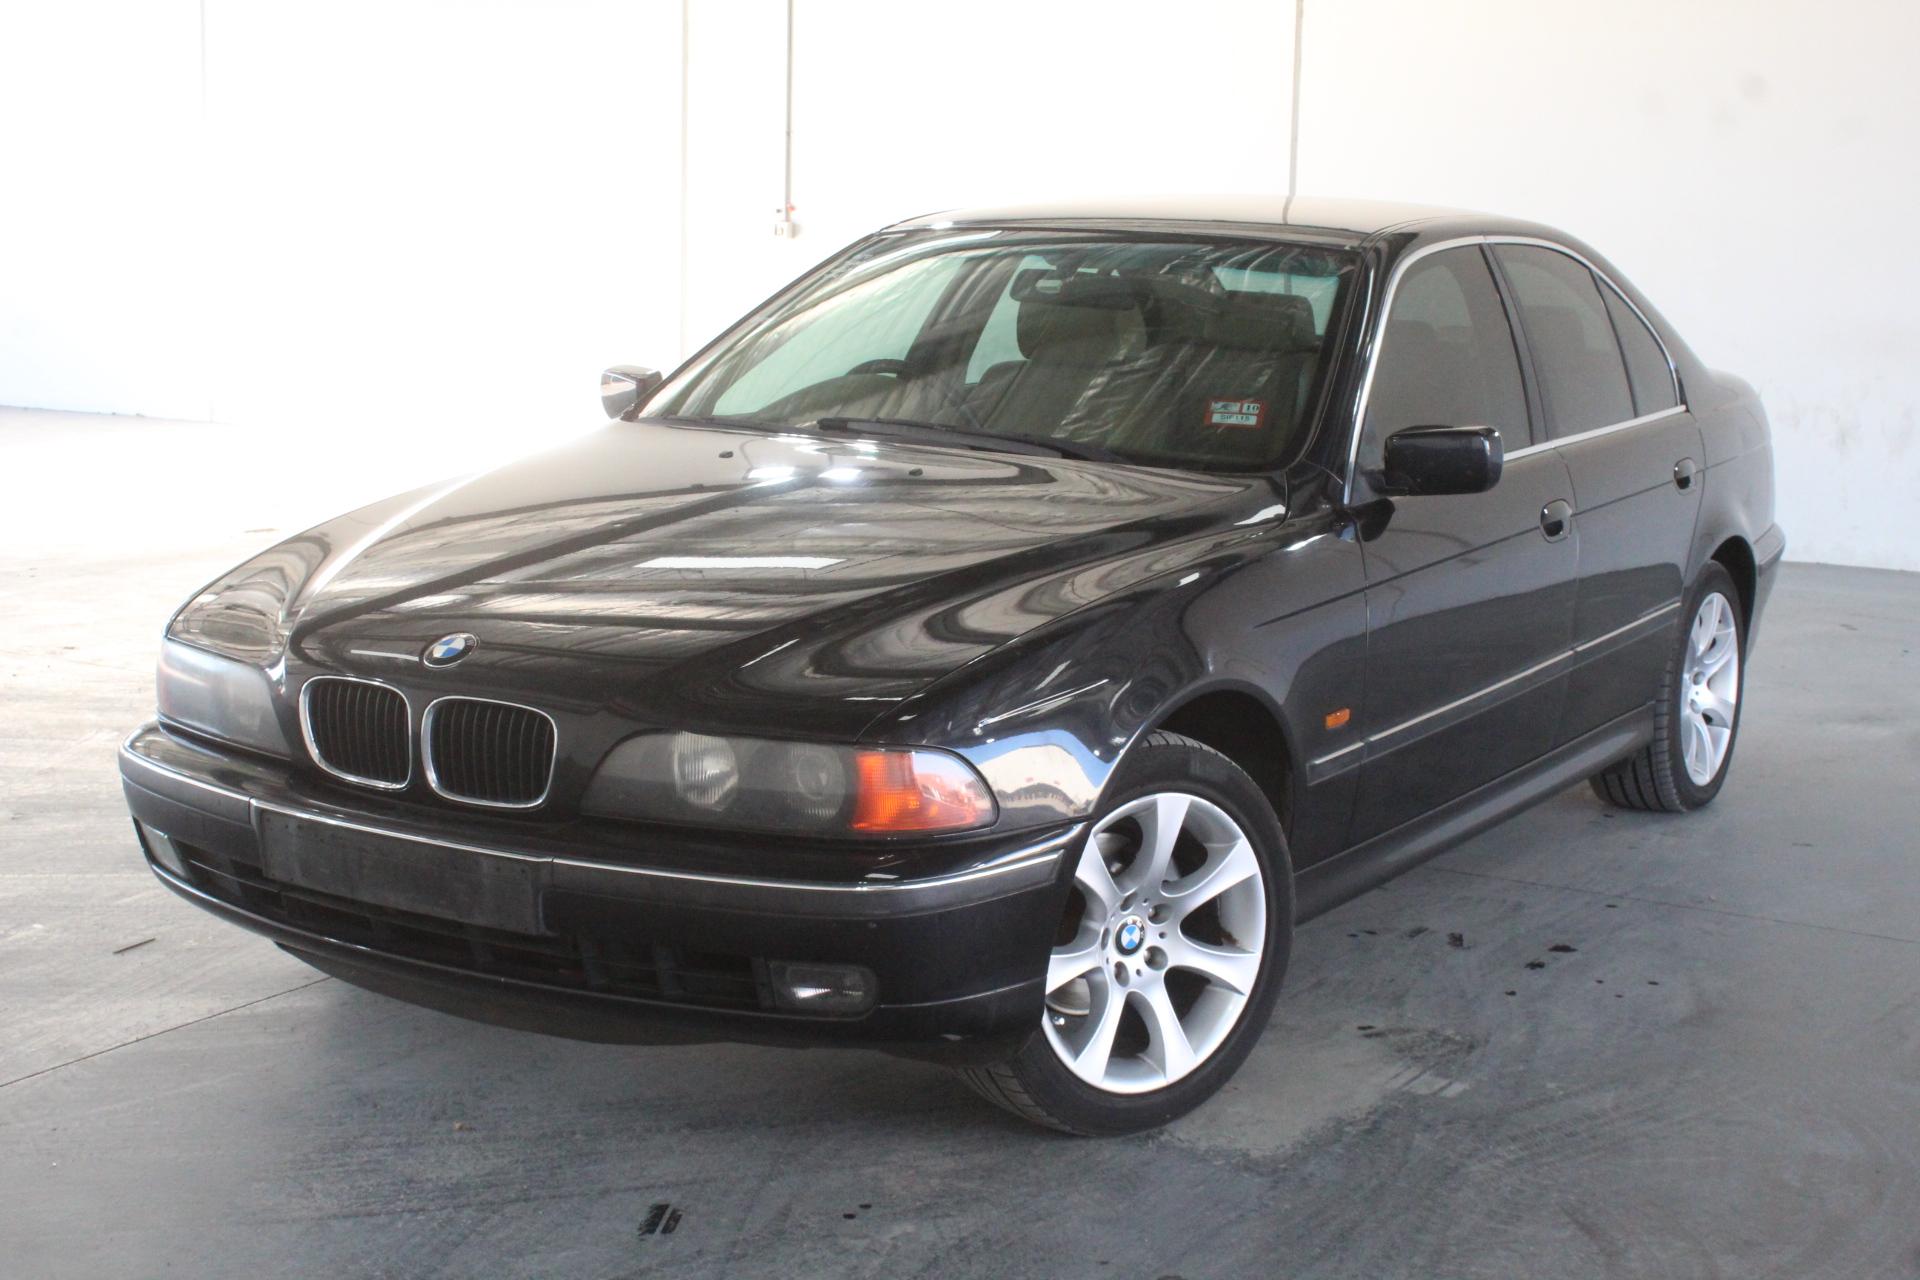 1998 BMW 5 23i E39 Automatic Sedan